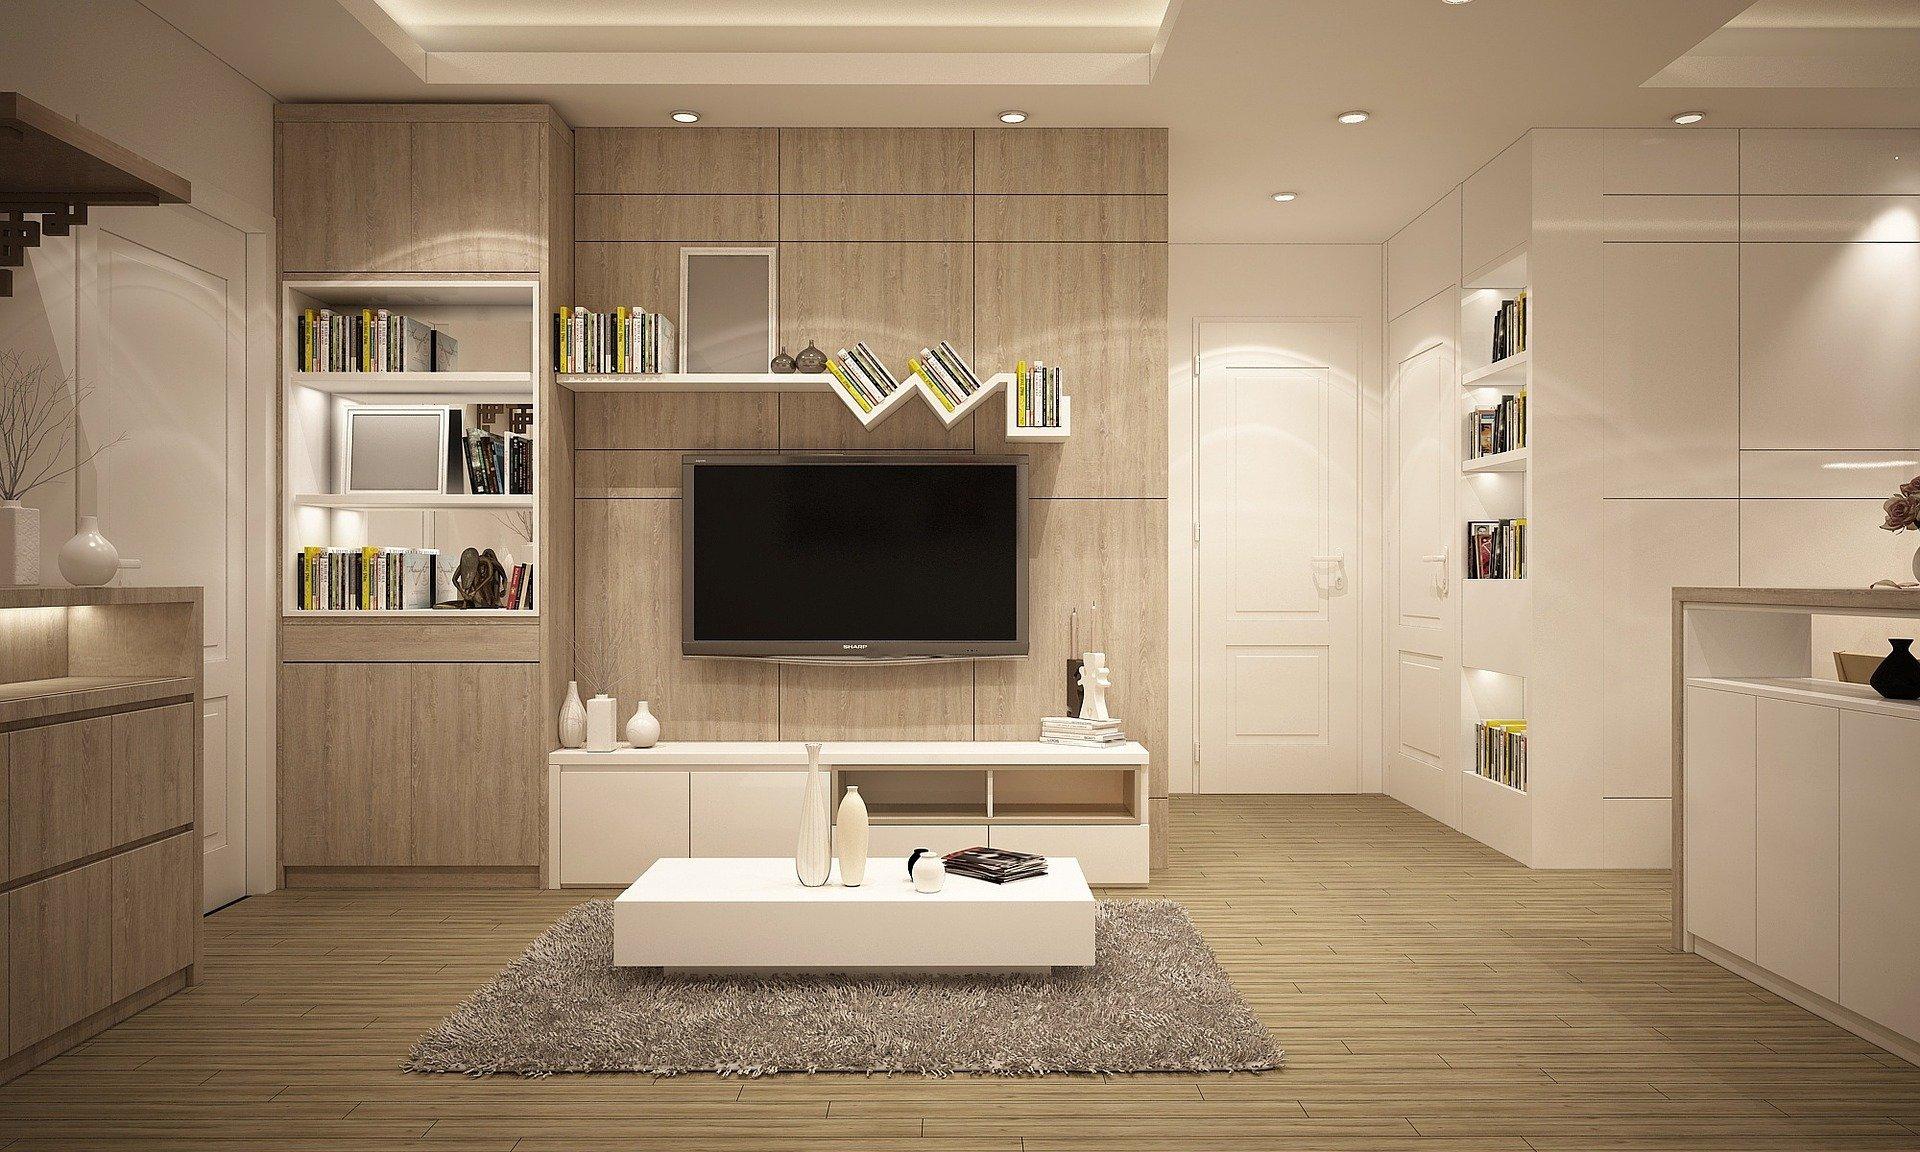 Comment ranger sa maison sans investir dans des meubles chers